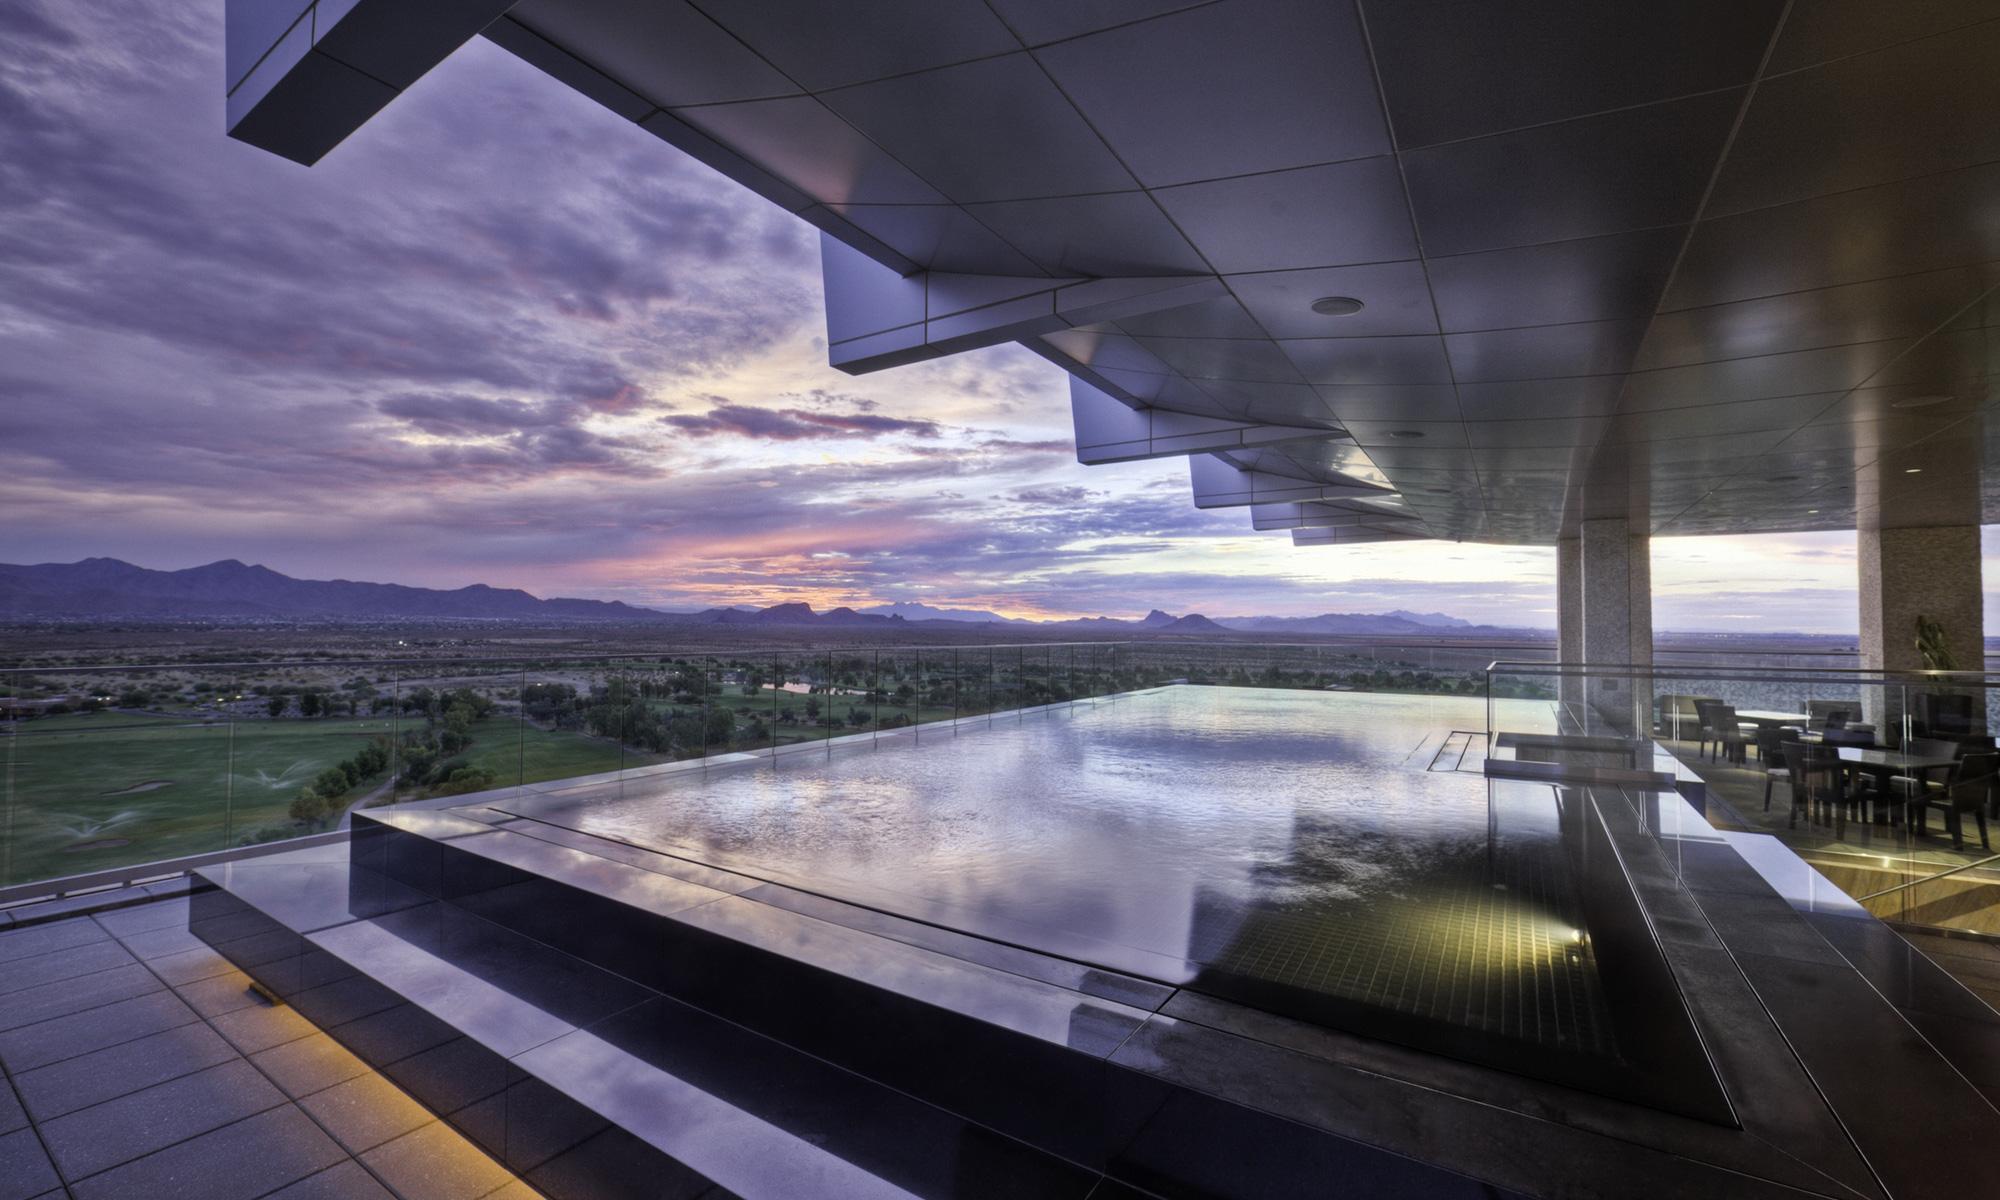 Scenic Romantic Fine Dining Restaurant In Scottsdale Orange Sky